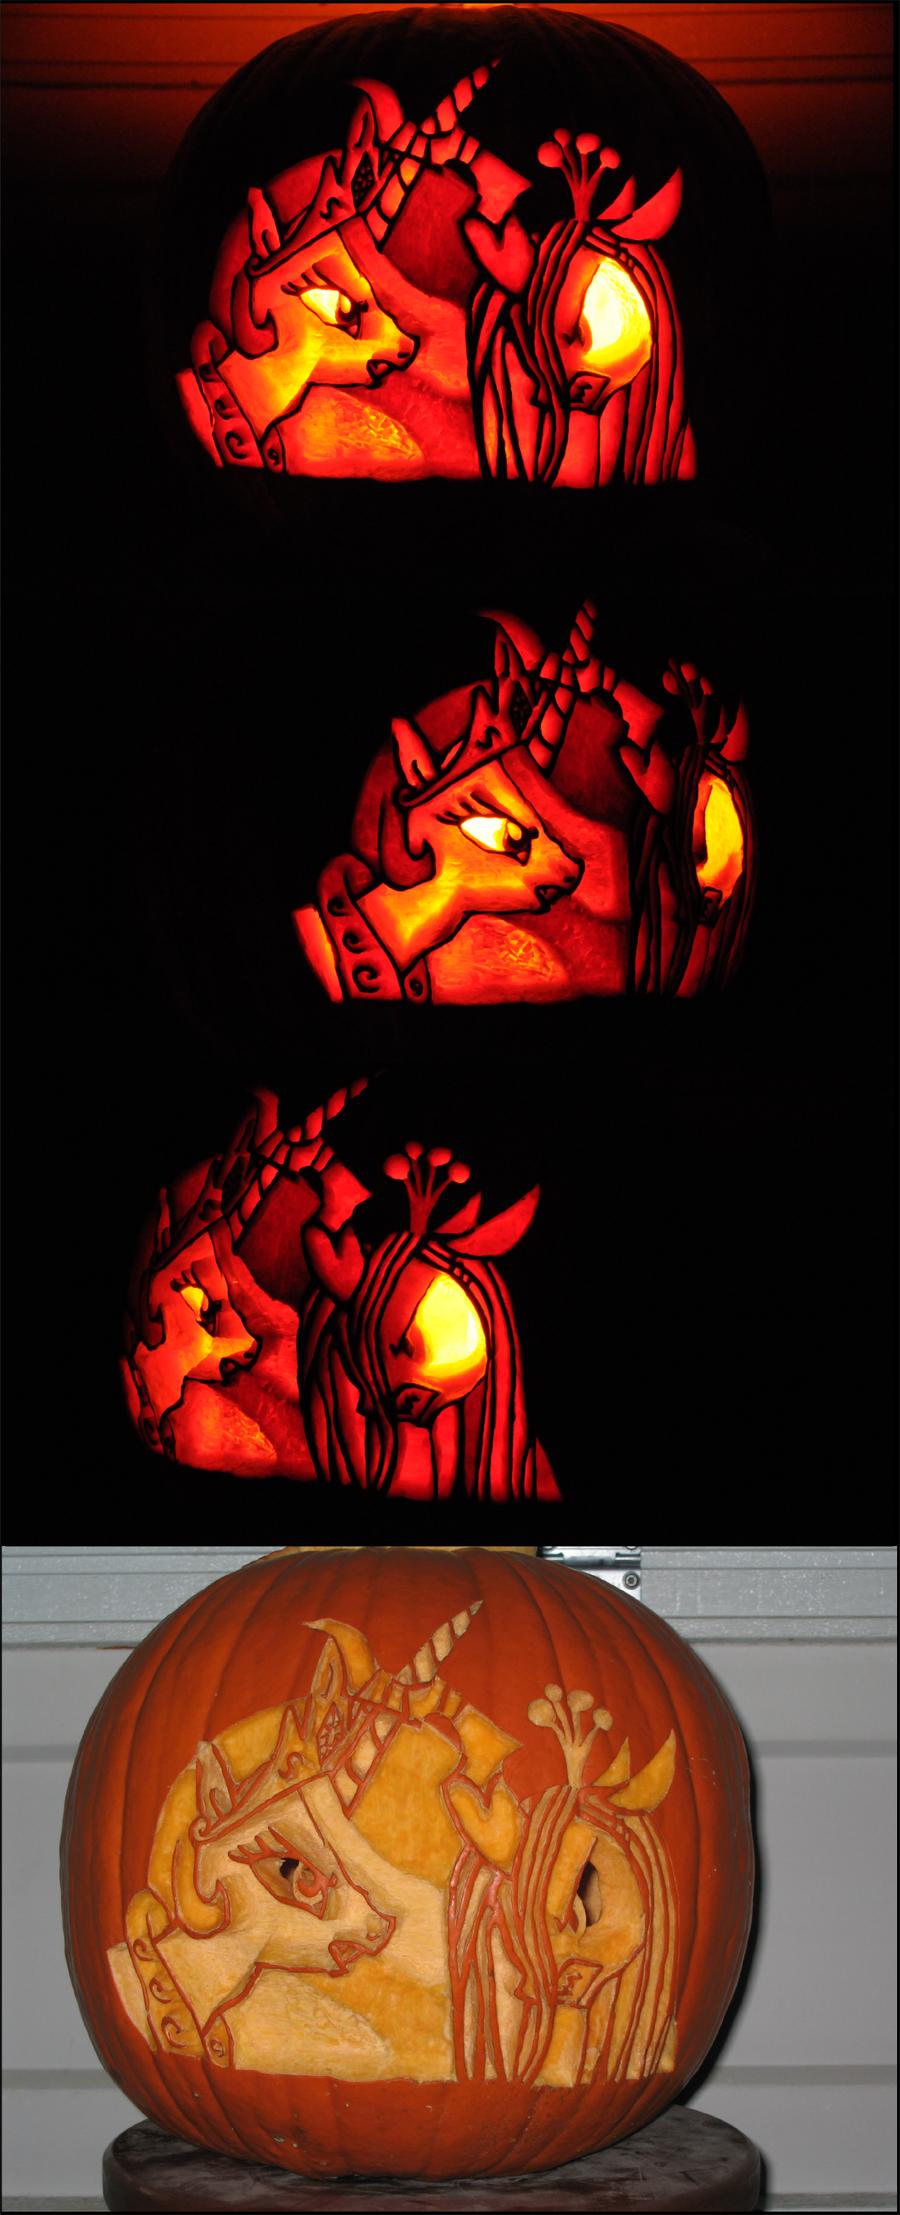 celestia_vs__chrysalis_pumpkin_by_archiveit1-d5j2h4c.png